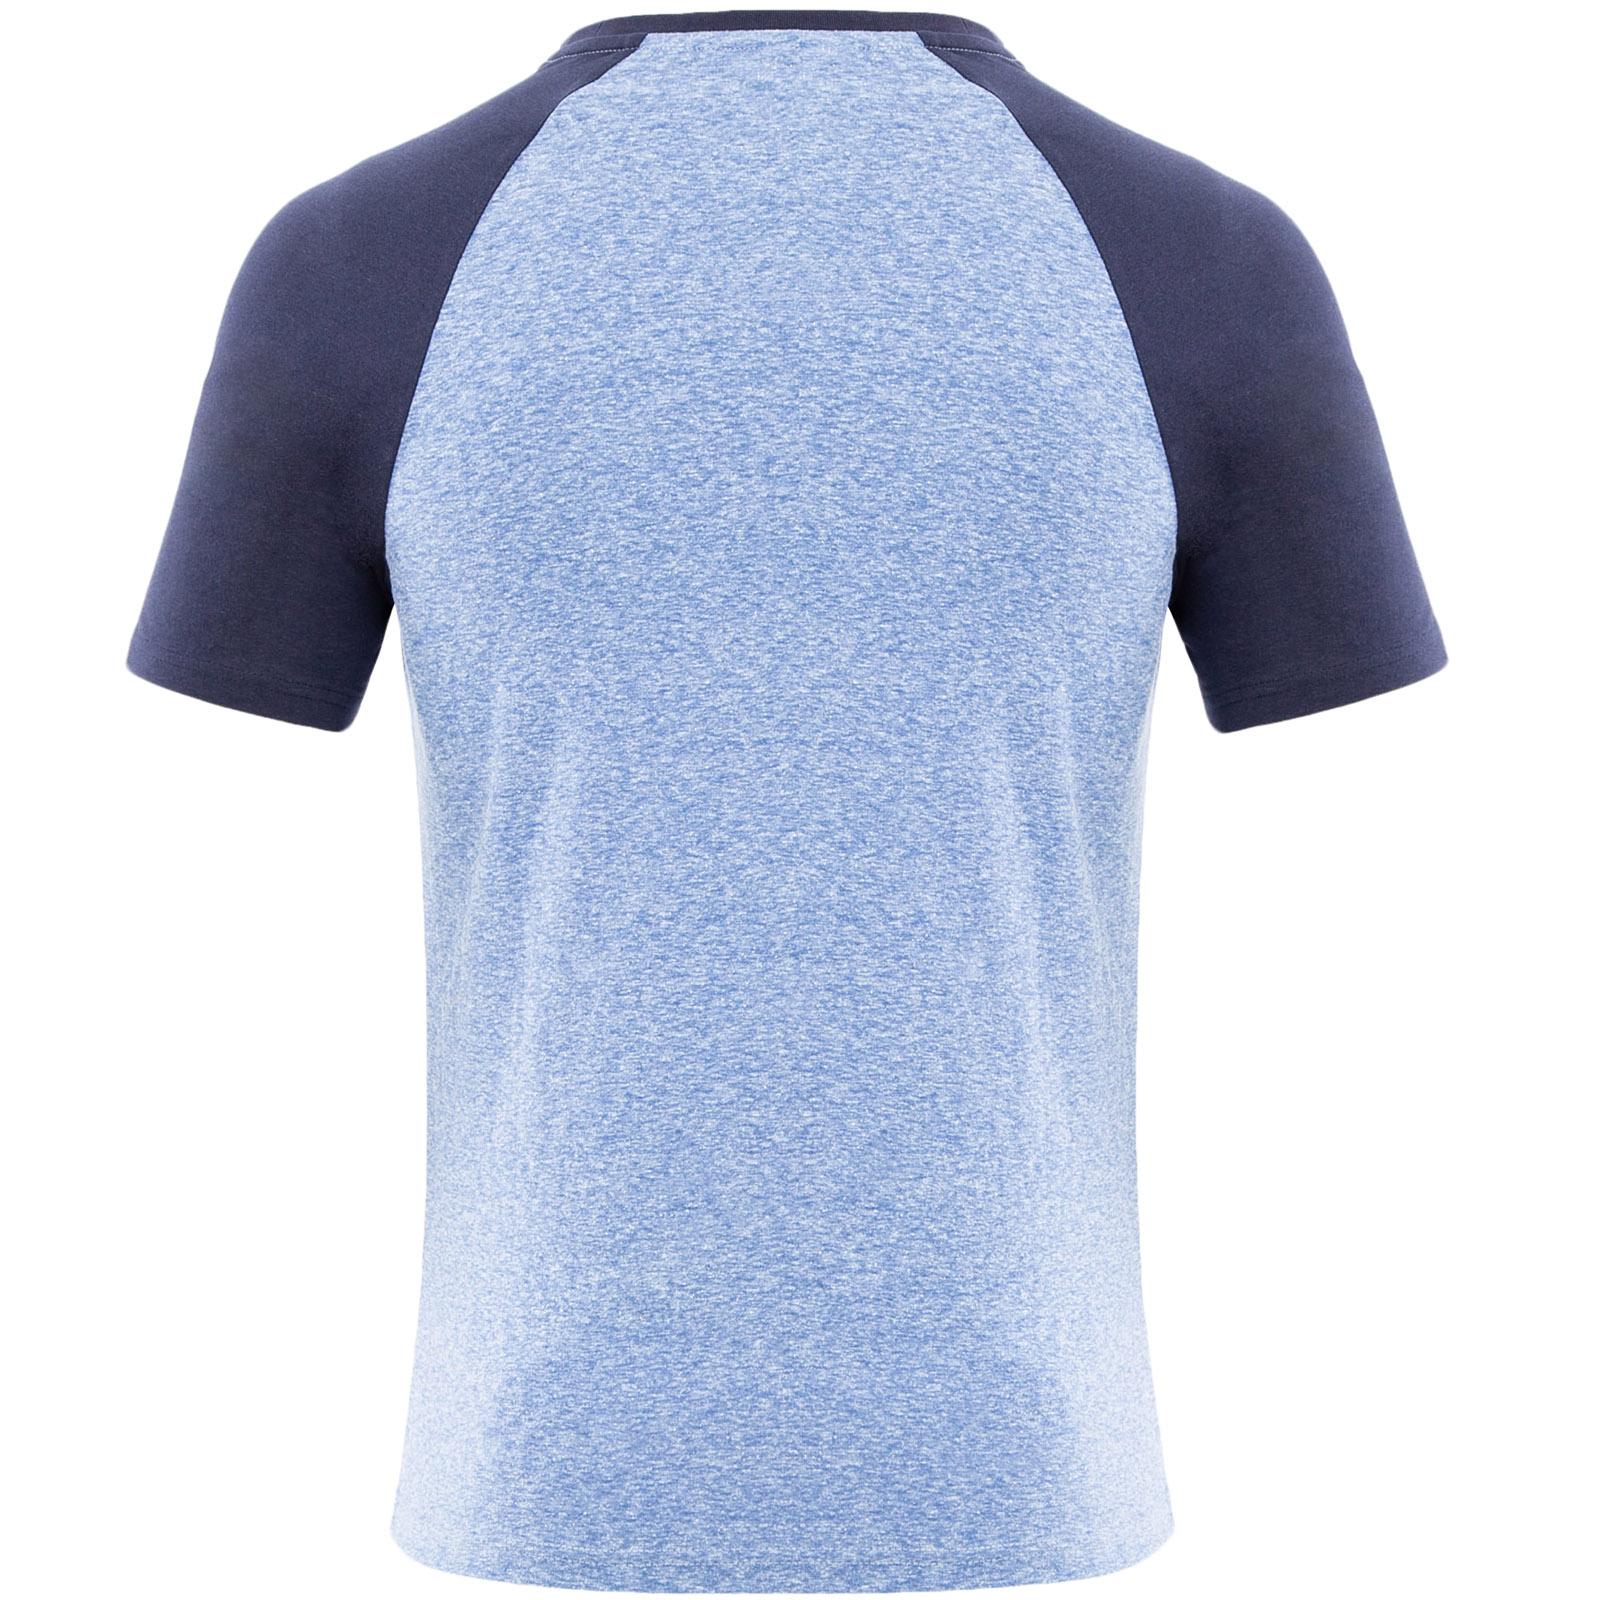 4XL Kangol Homme Rune Plus Big Tall Taille King Raglan T-Shirt-Marine Chiné